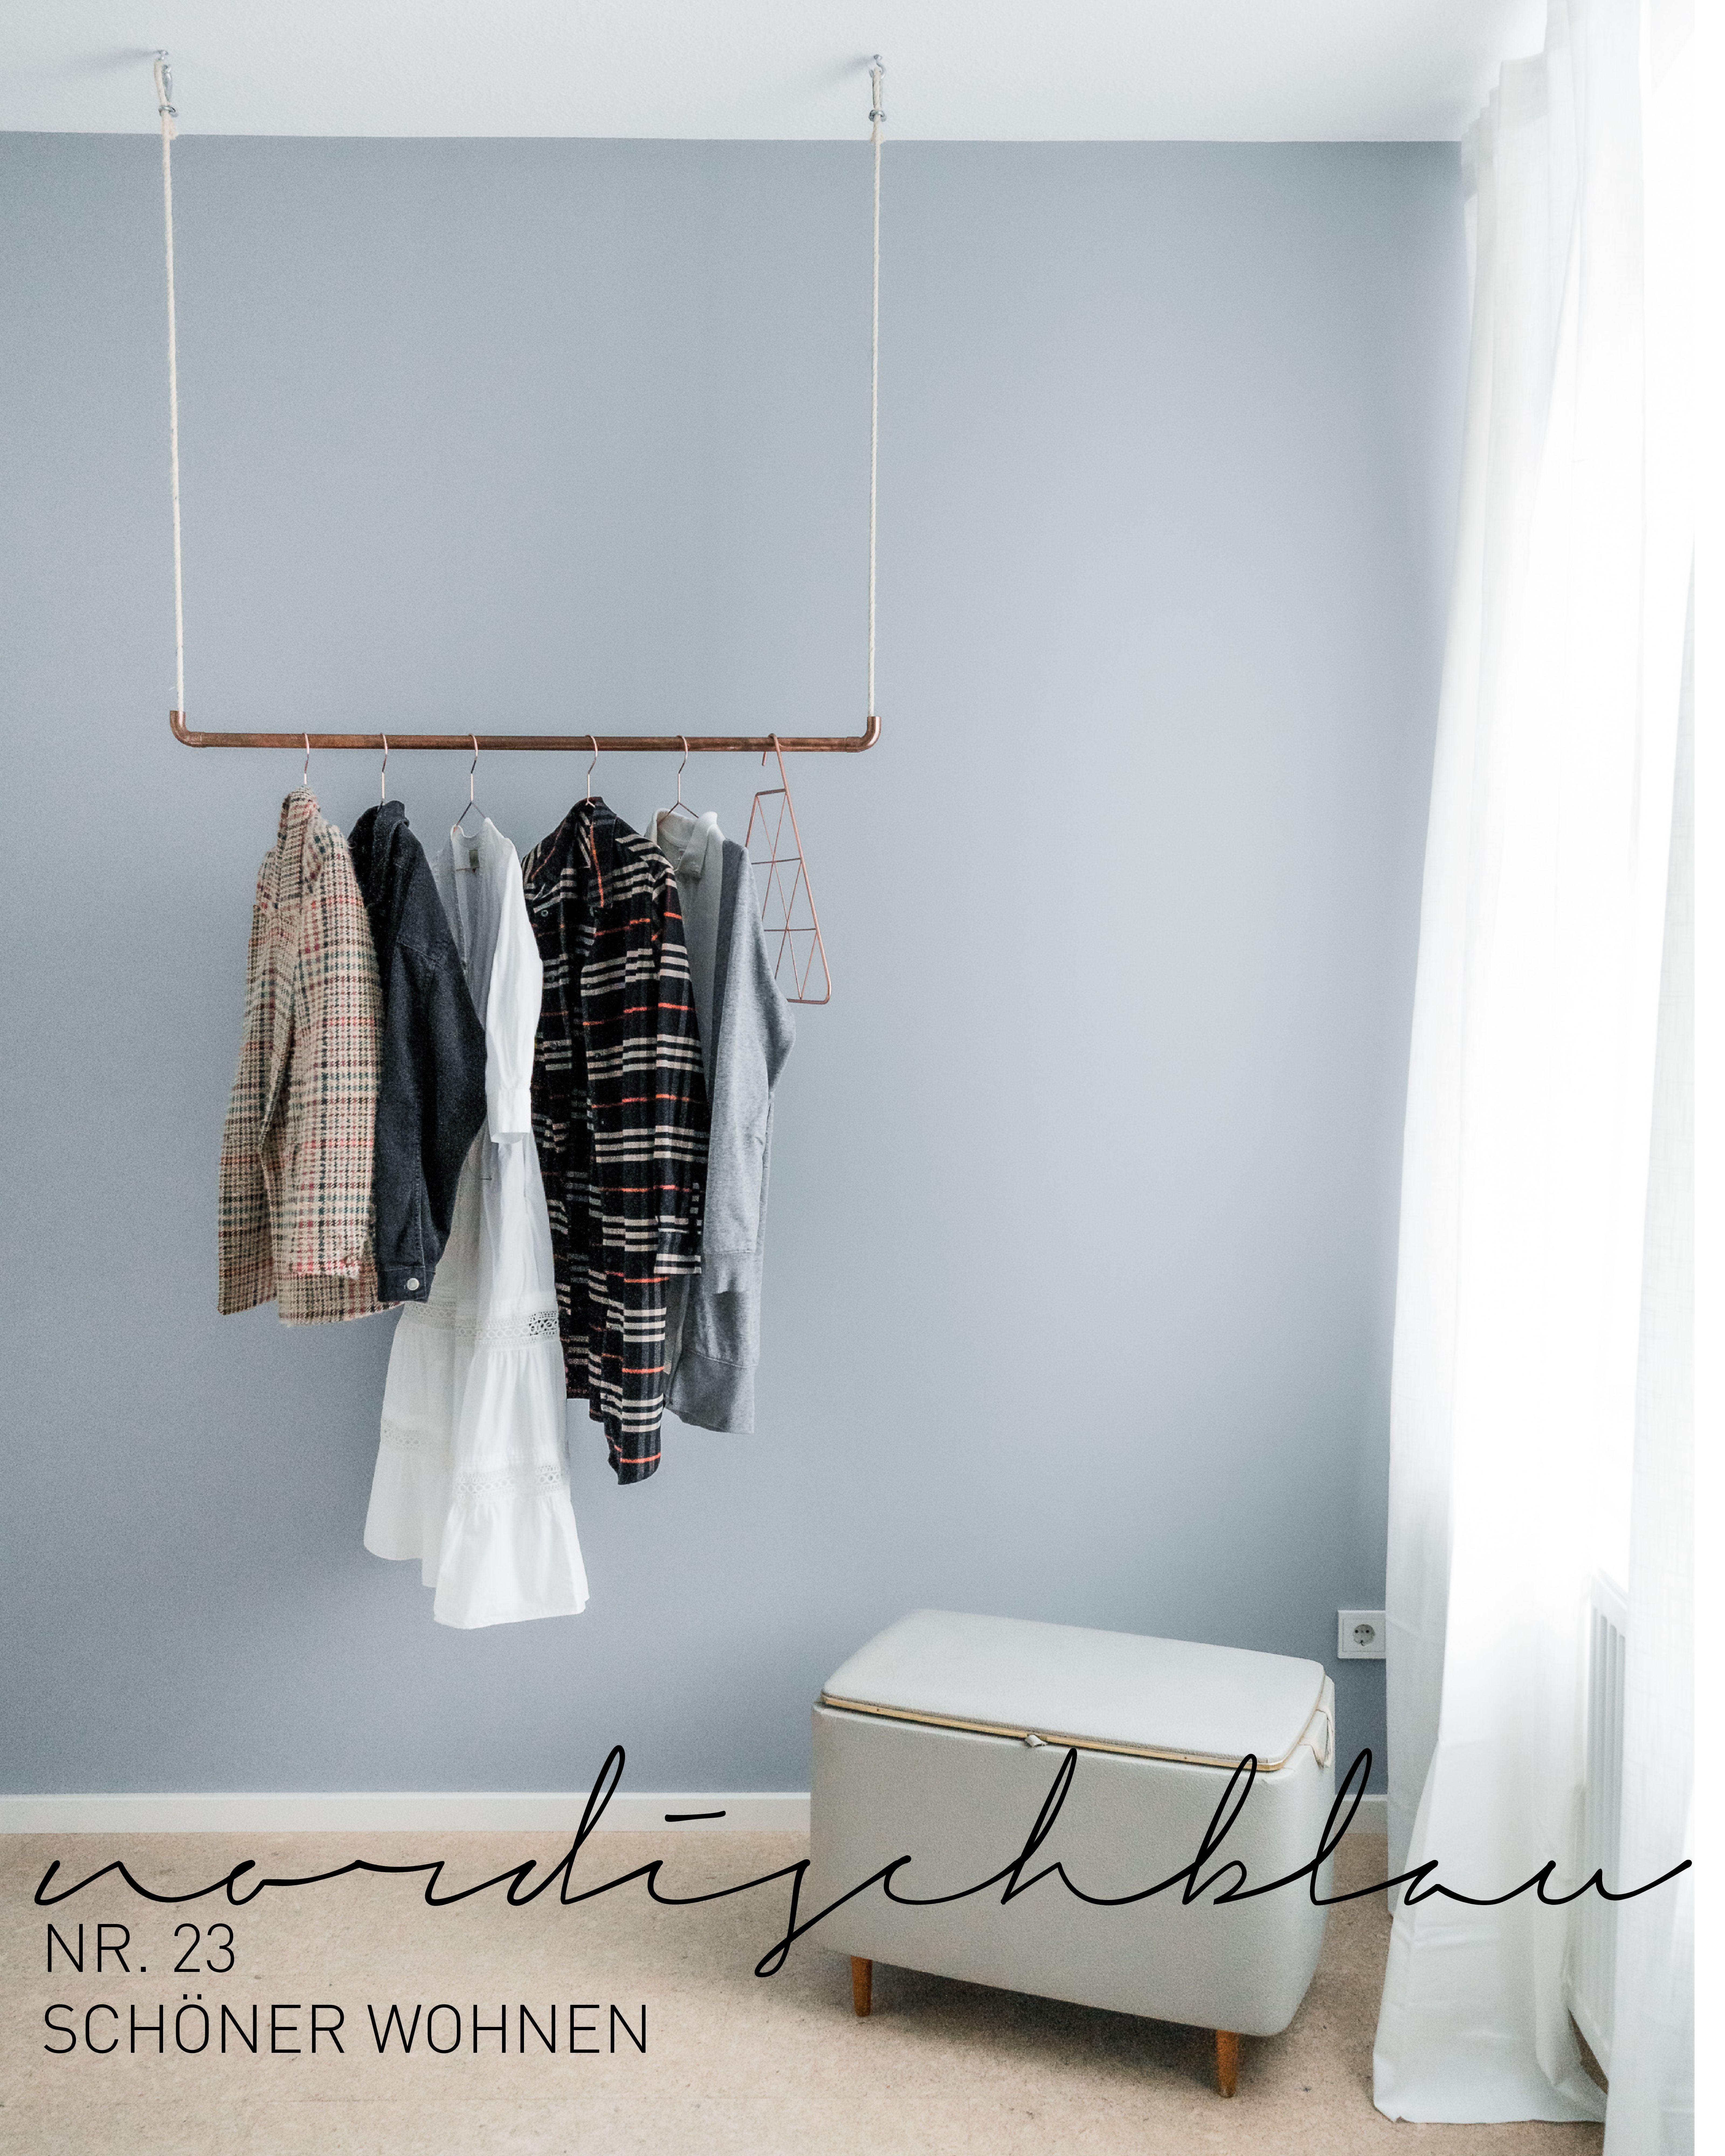 Schlafzimmer Gestalten Schoner Wohnen Farbe Schlafzimmer Gestalten Schoner Wohnen Farbe Schoner Wohnen Wandfarbe